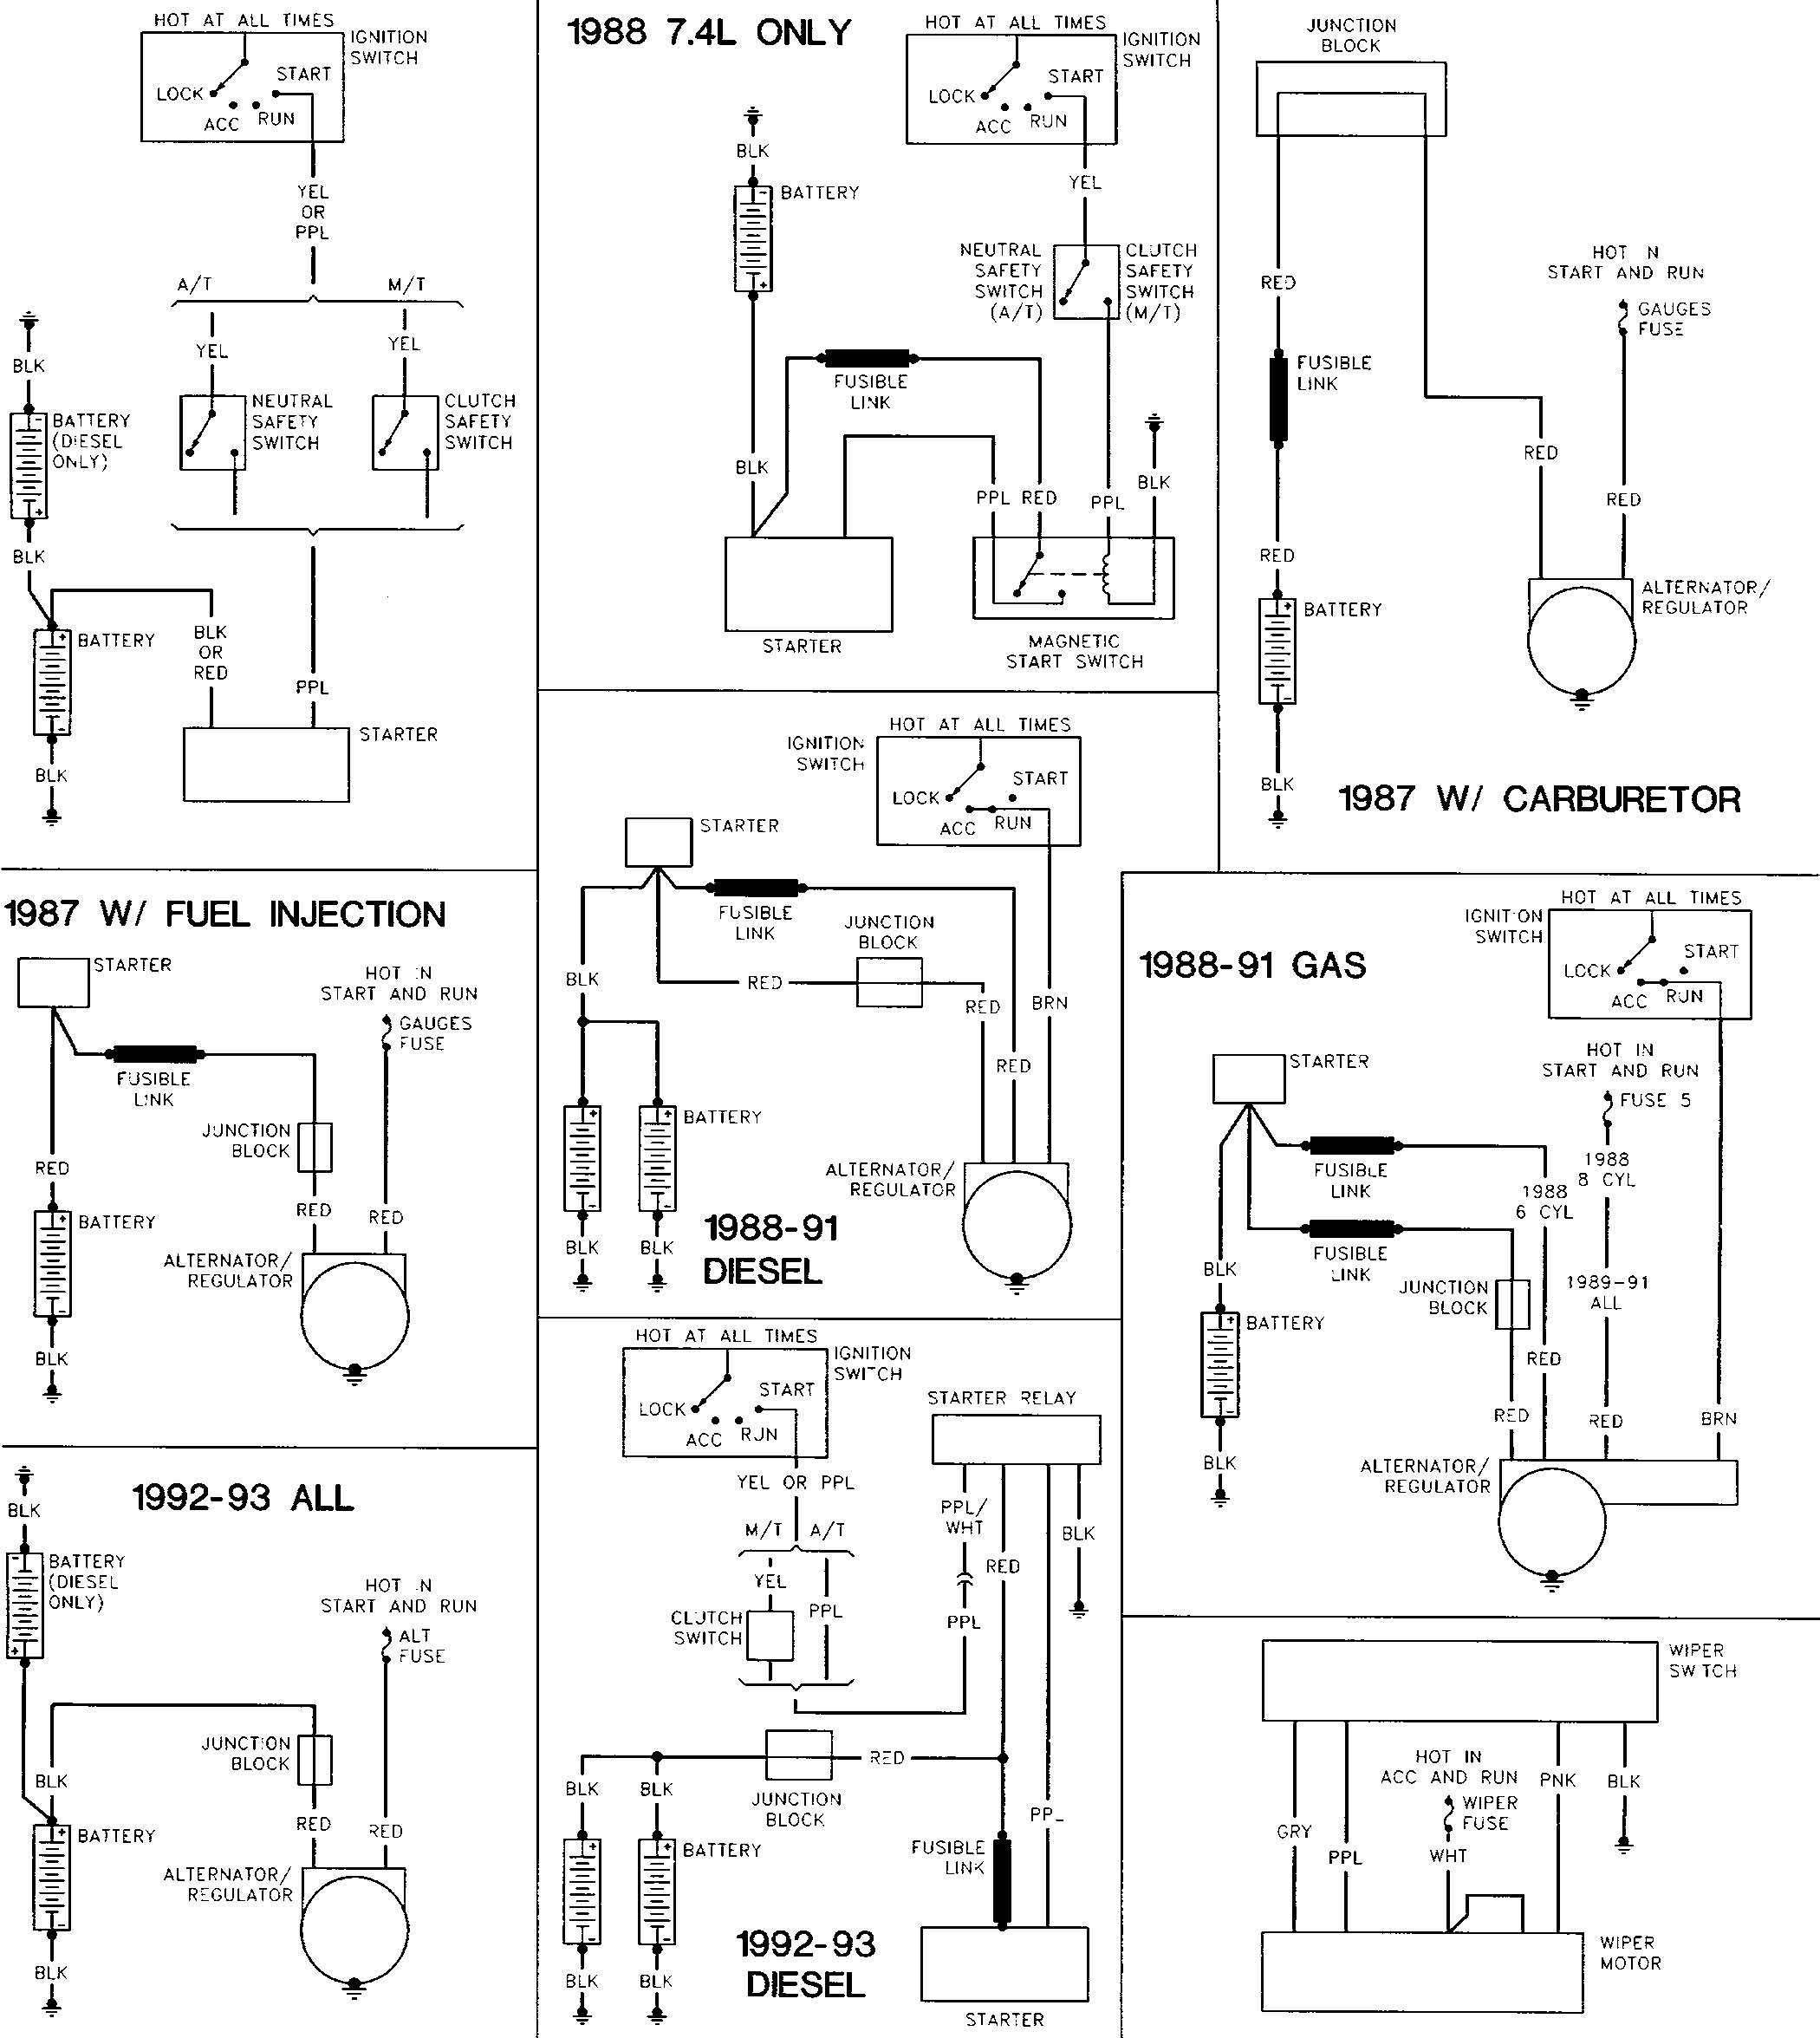 monaco motorhome wiring diagram ver wiring diagram rh 6 zxcdf kizilaymadensuyu de